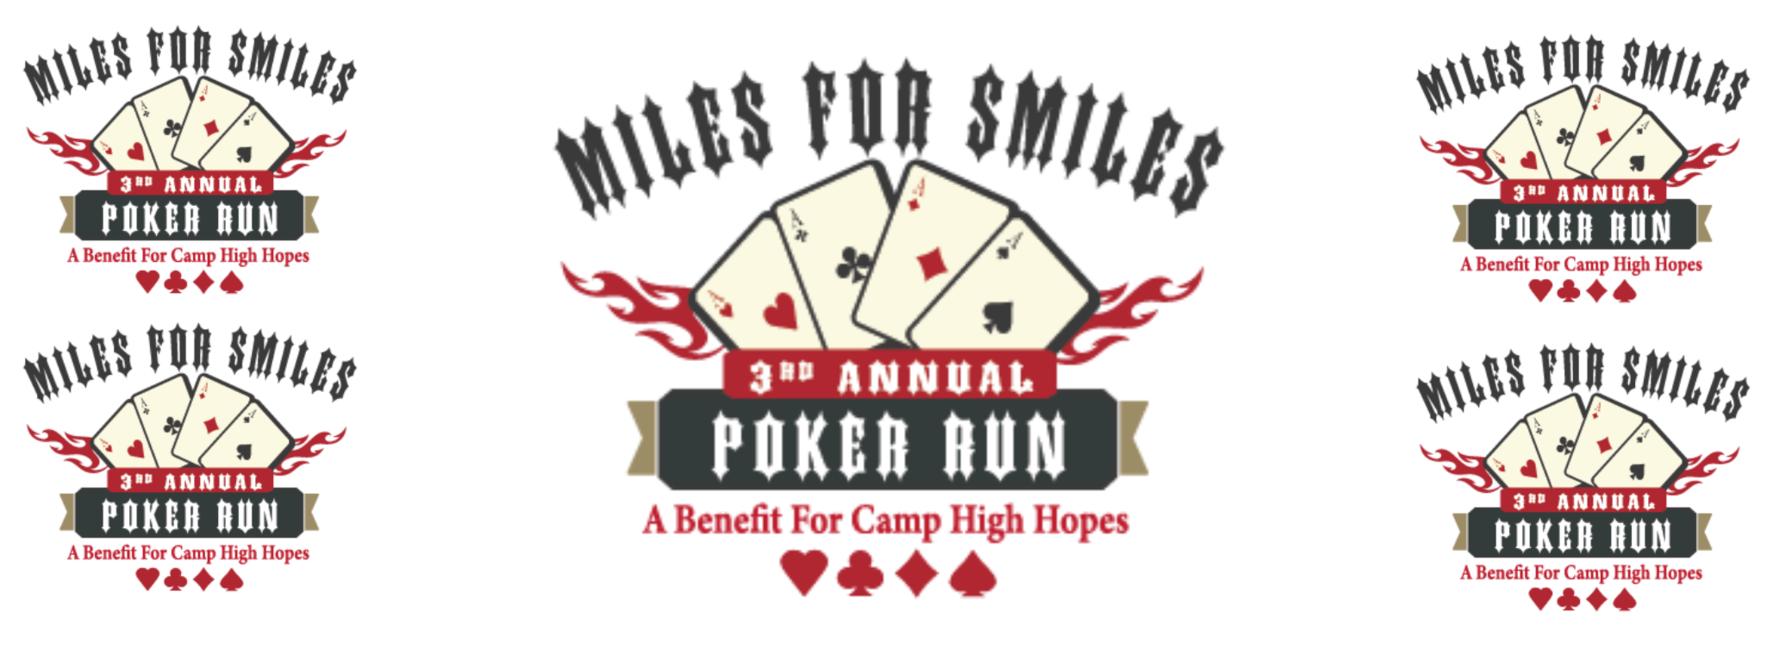 Miles for Smiles Poker Run image